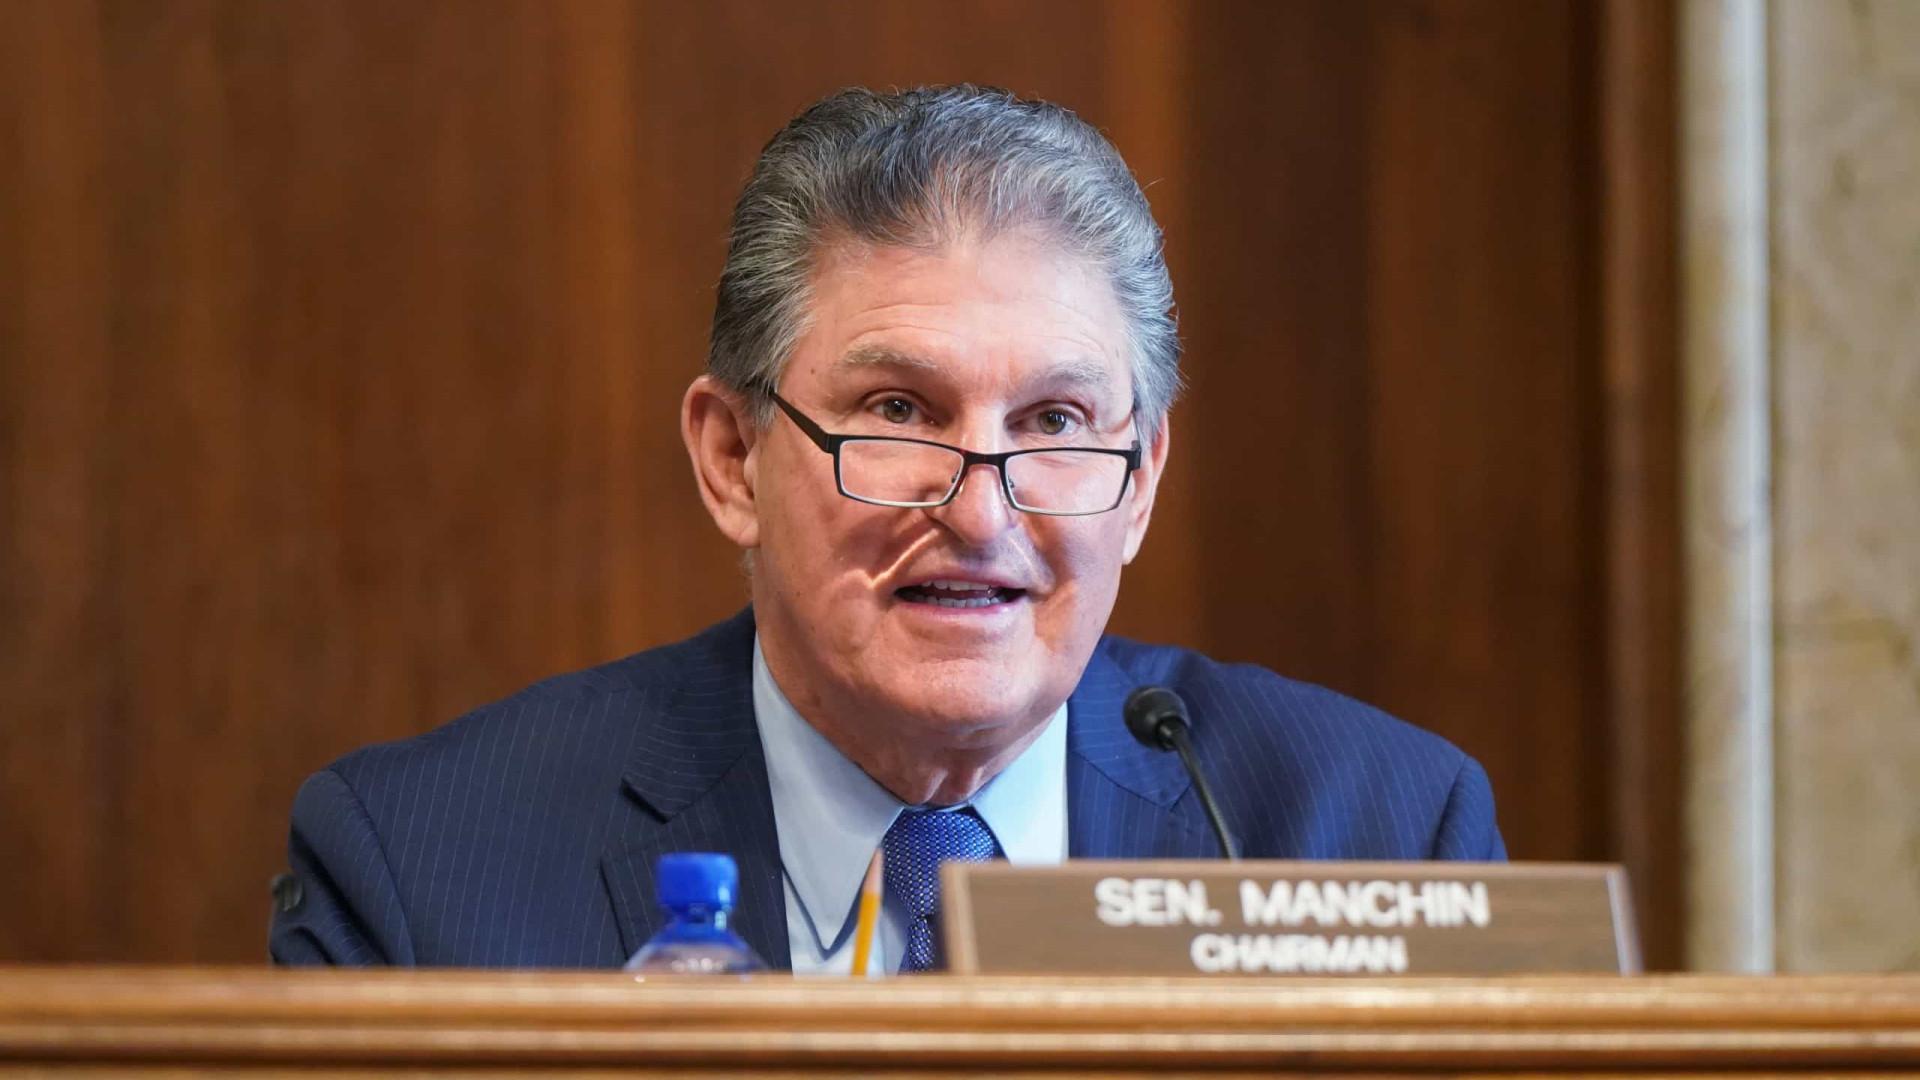 Senado retoma aprovação de pacote de estímulos económicos após impasse